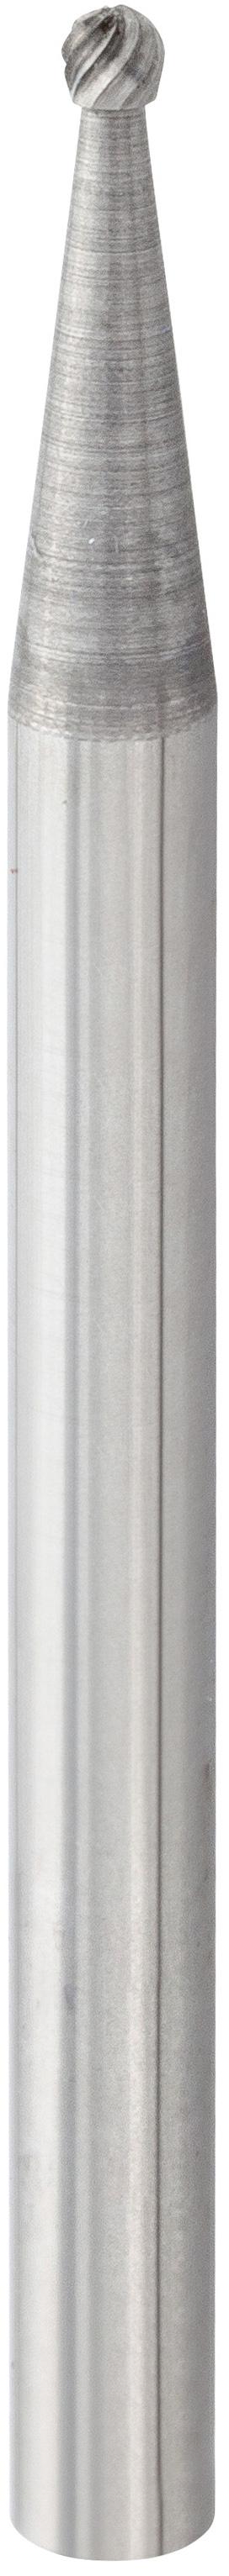 procut Hartmetall-Microfrässtift